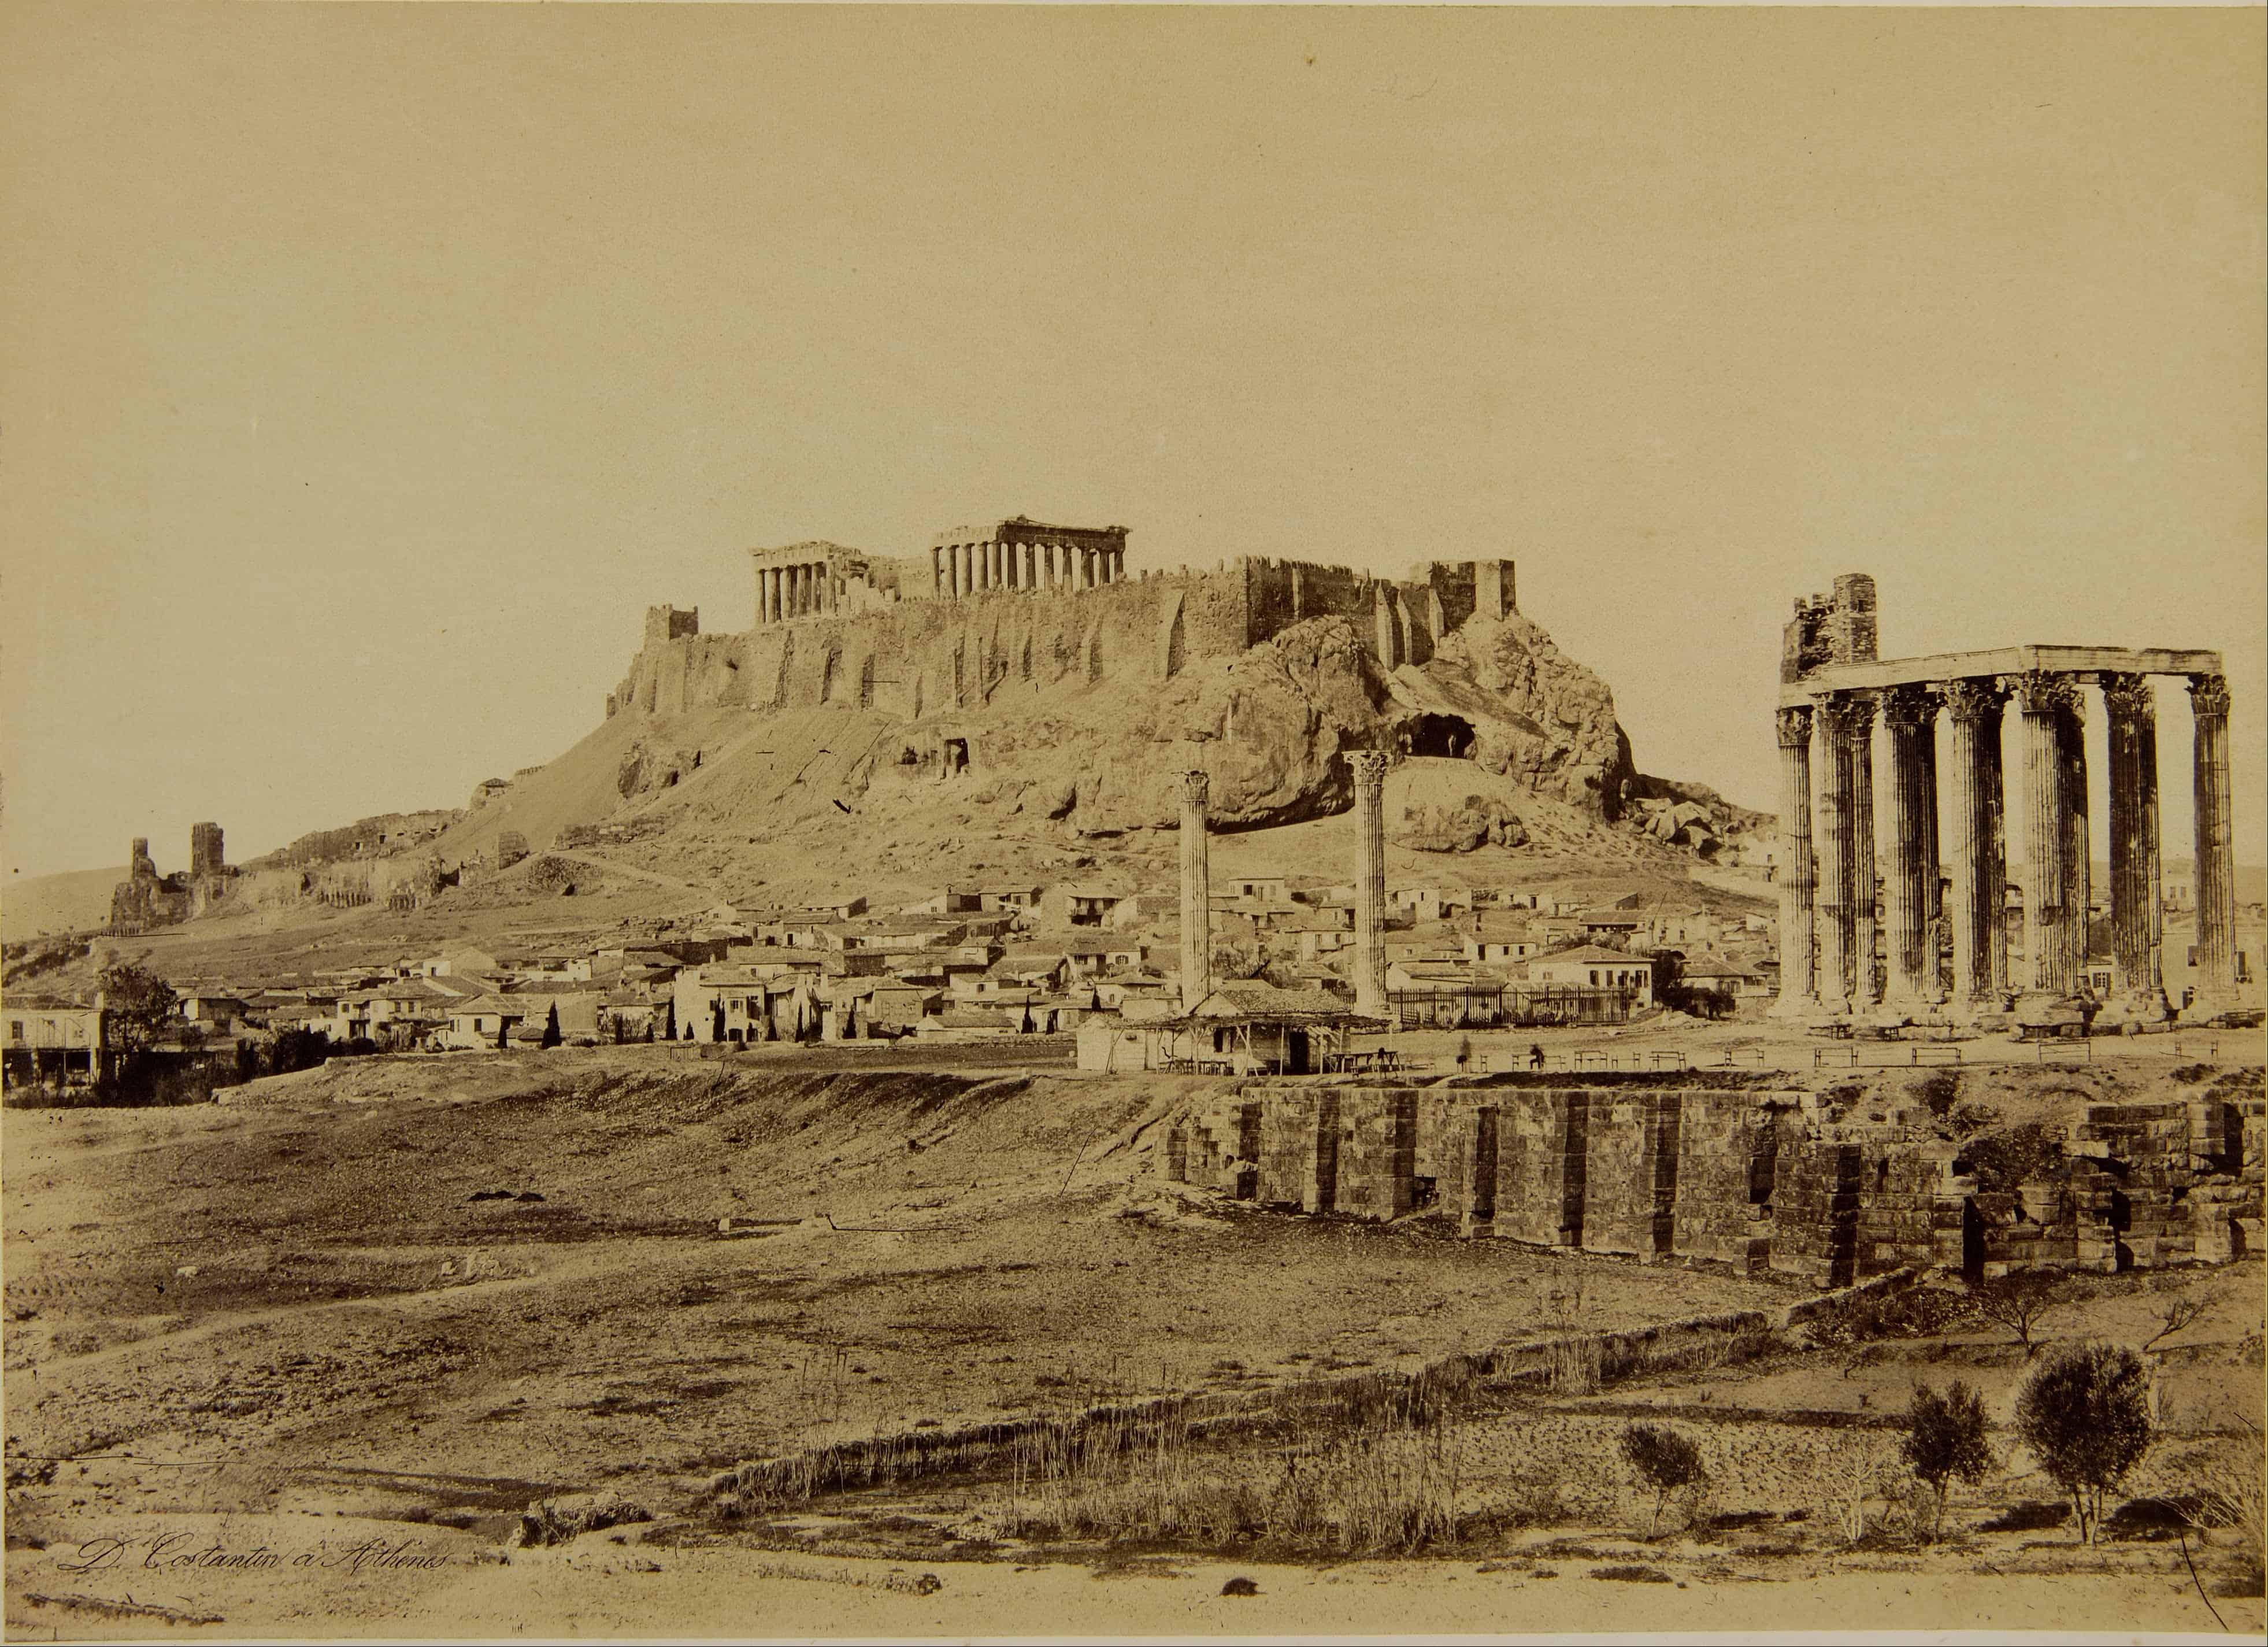 Temple of Olympian Zeus in 1865